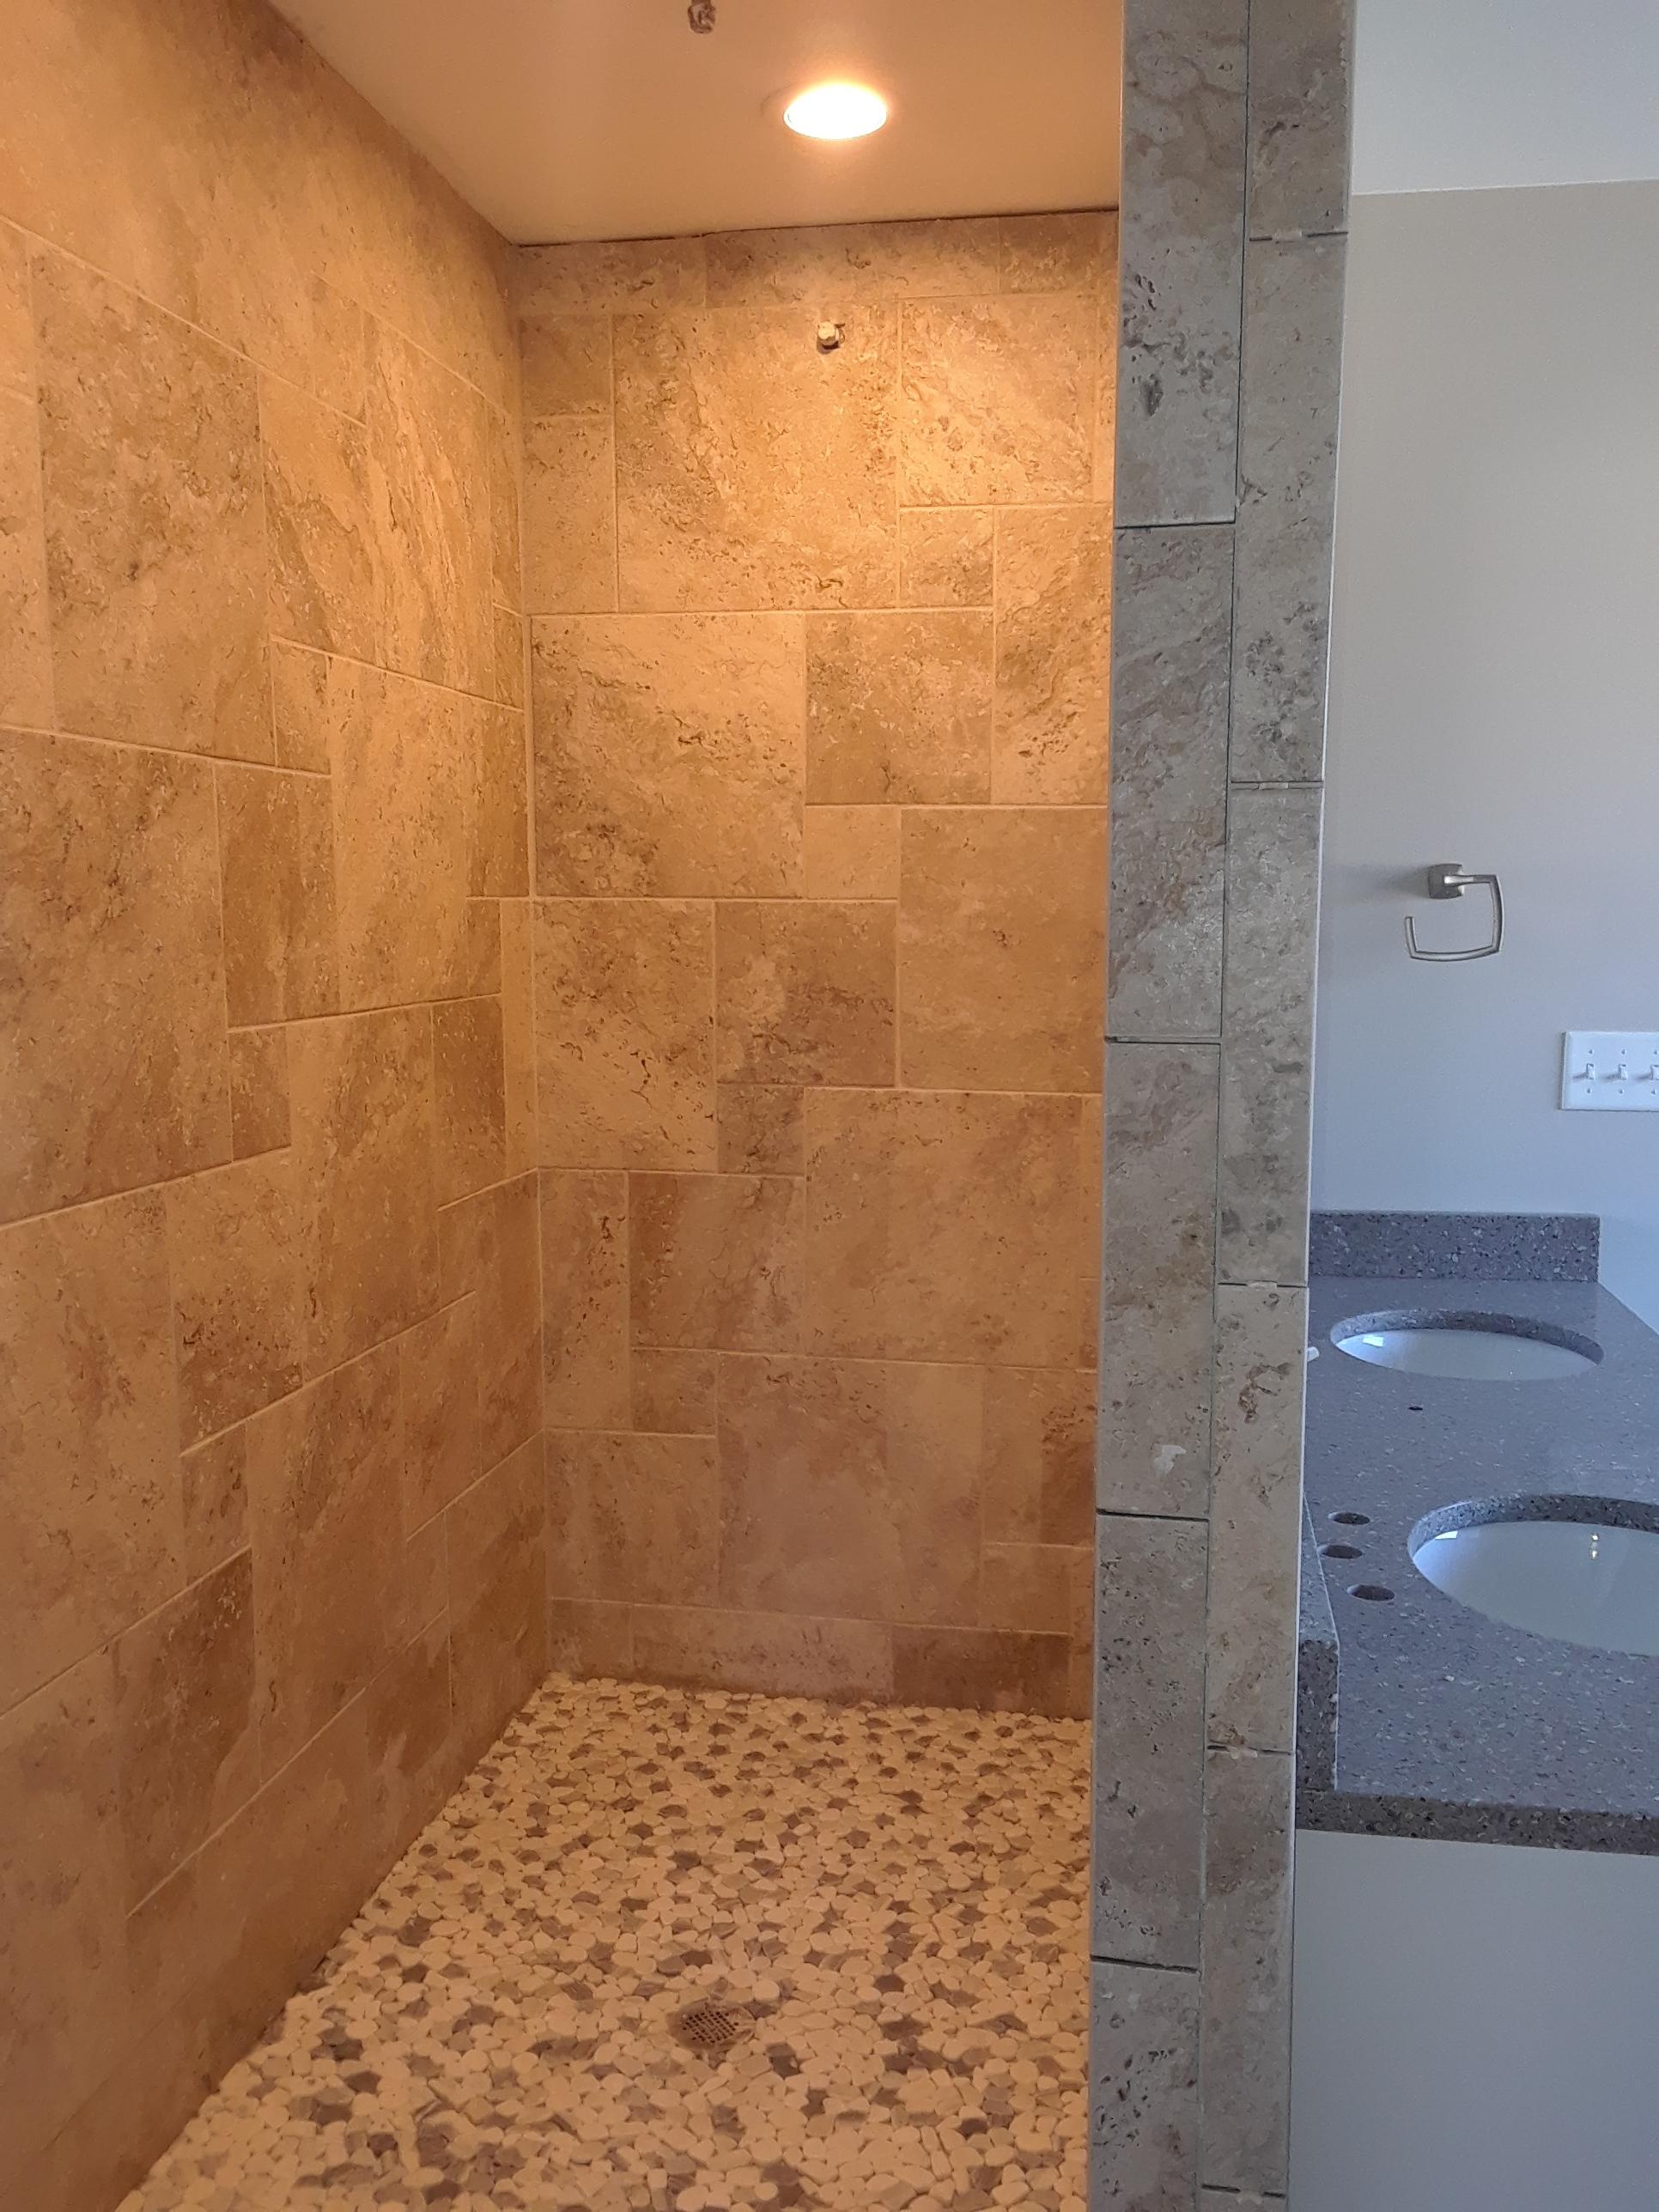 22 - Master bath 2 walk in shower.jpg